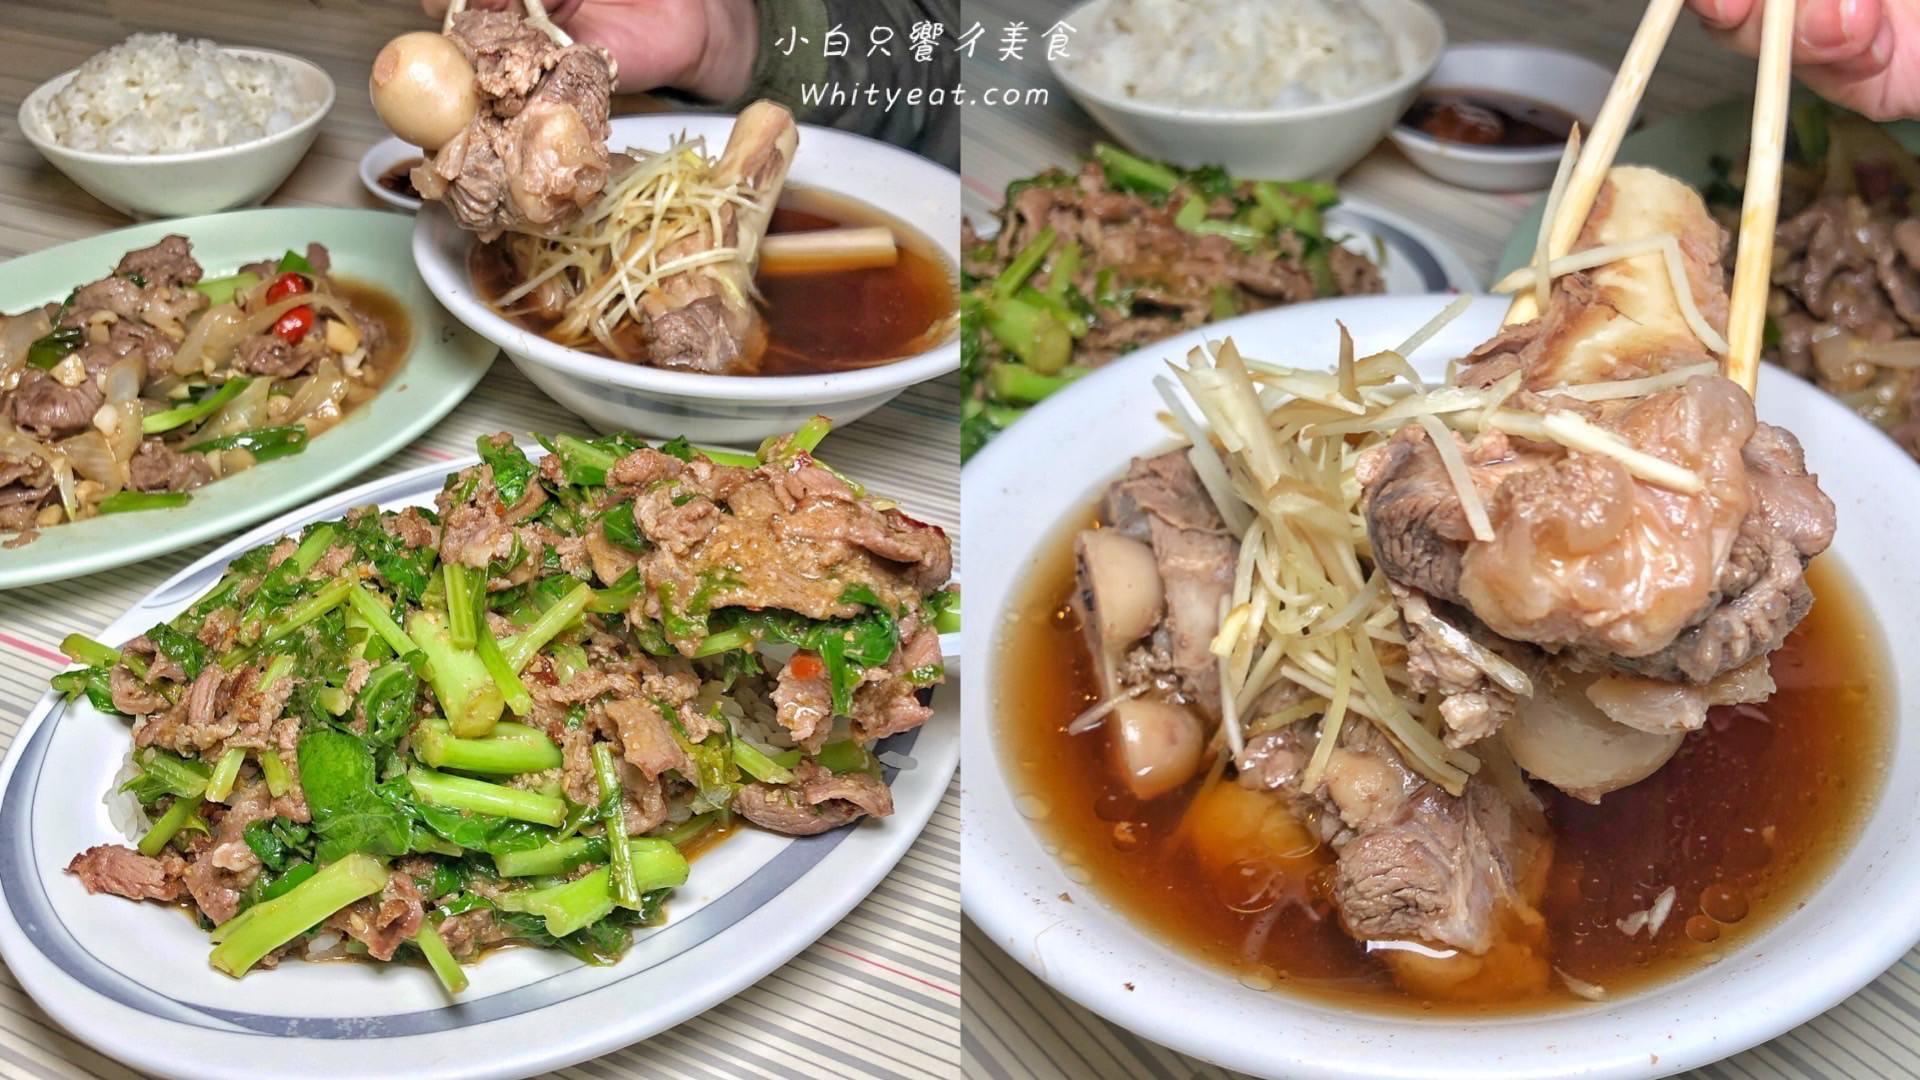 【台南東區】營業到凌晨12點「清香羊肉」內用免費續湯好佛心!三大支羊大骨吃超爽/羊肉燴飯肉多超推薦 平價美味的台南宵夜|台南羊肉